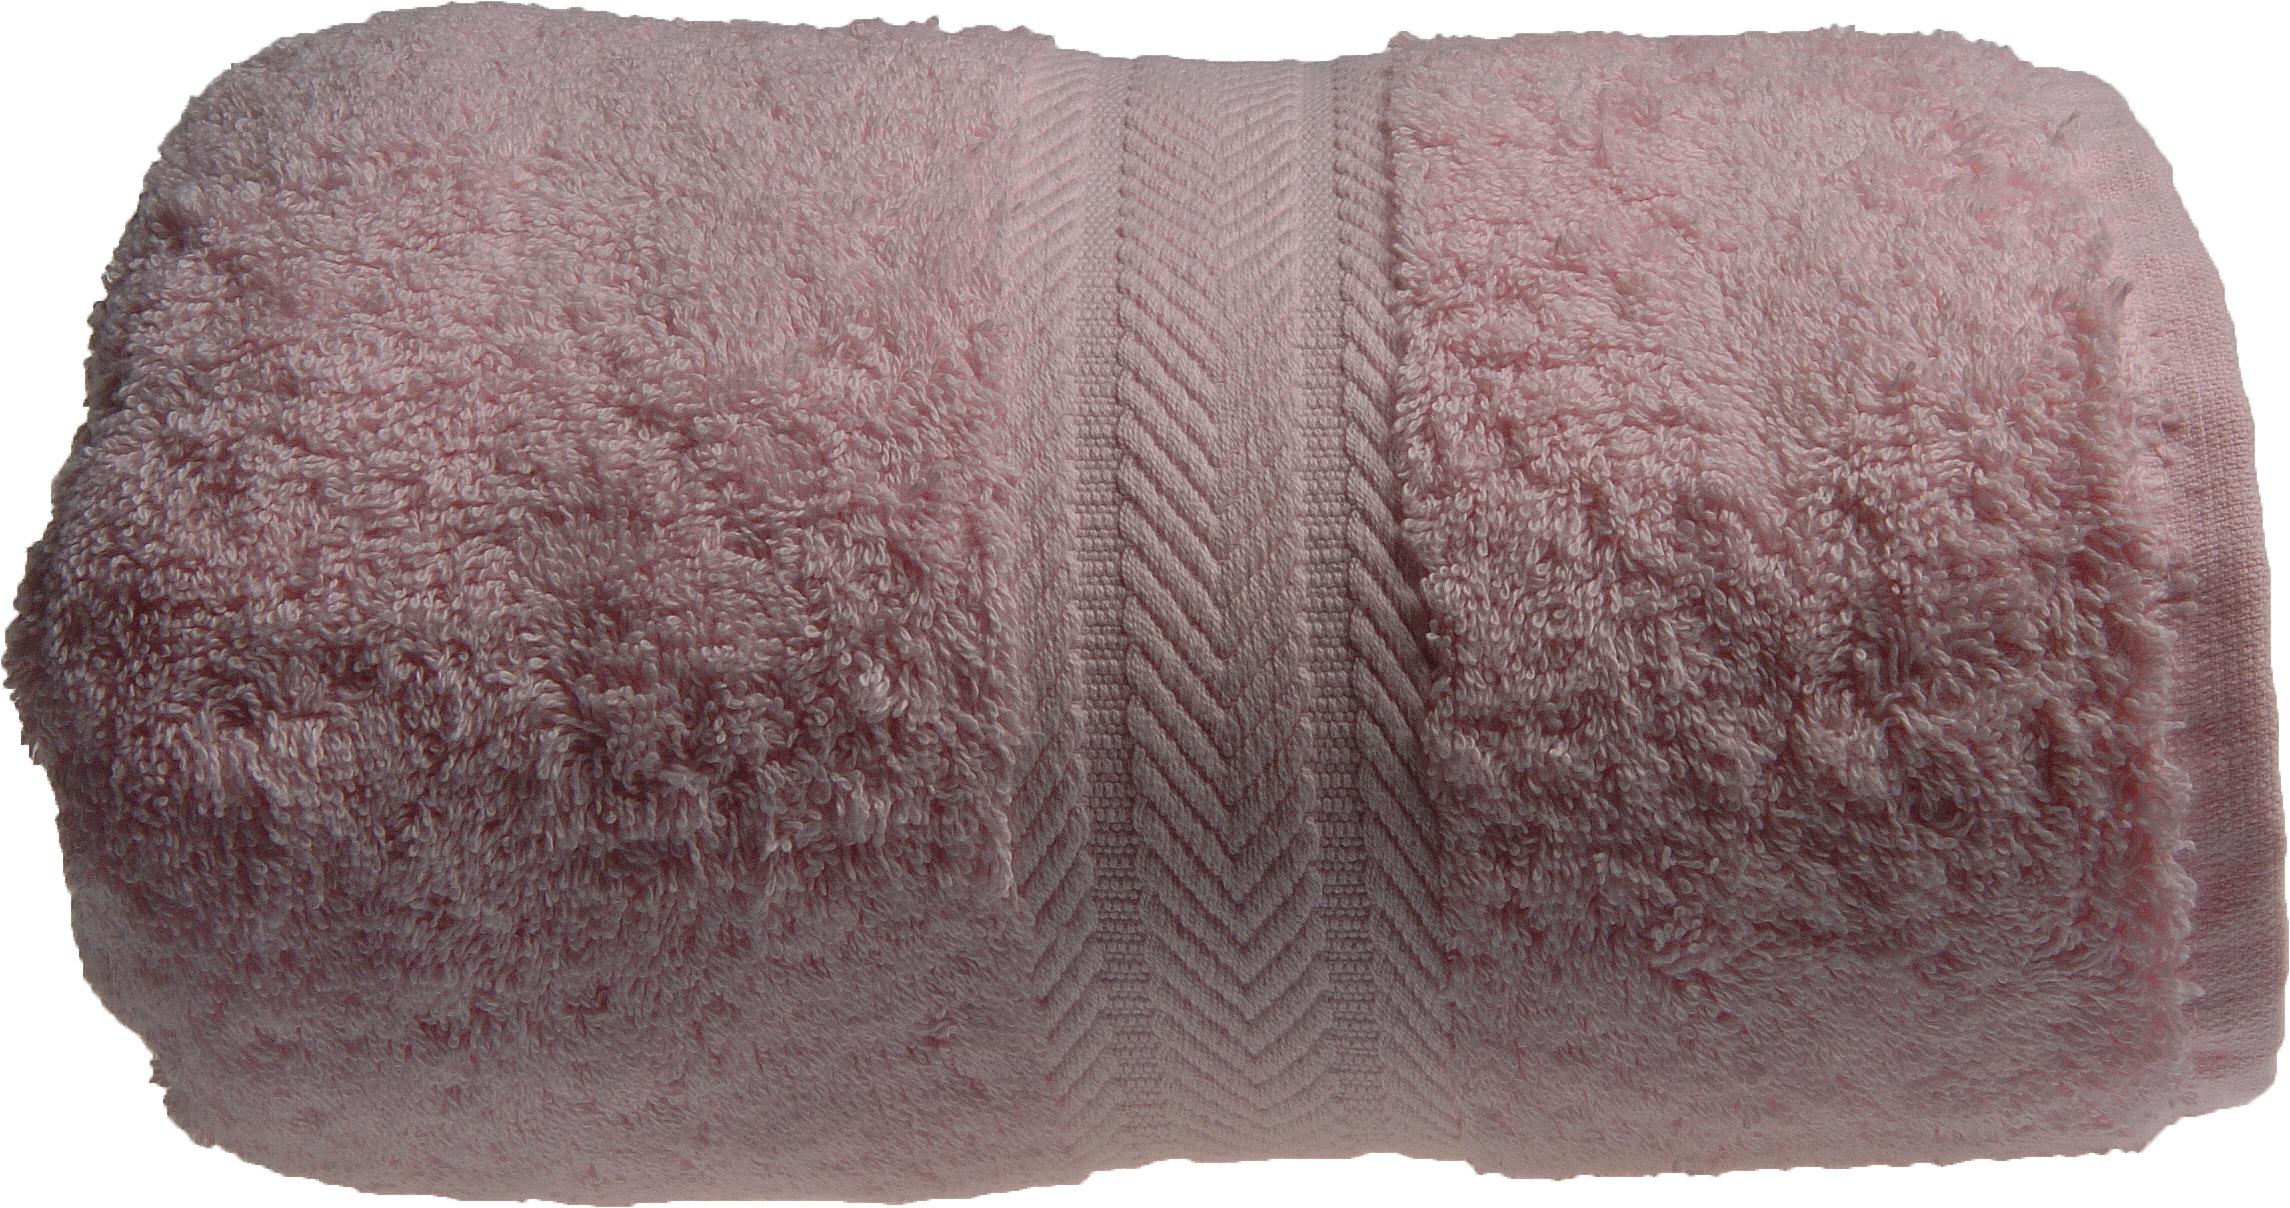 Serviette invitée 30 x 50 cm en Coton couleur Rose (Rose)